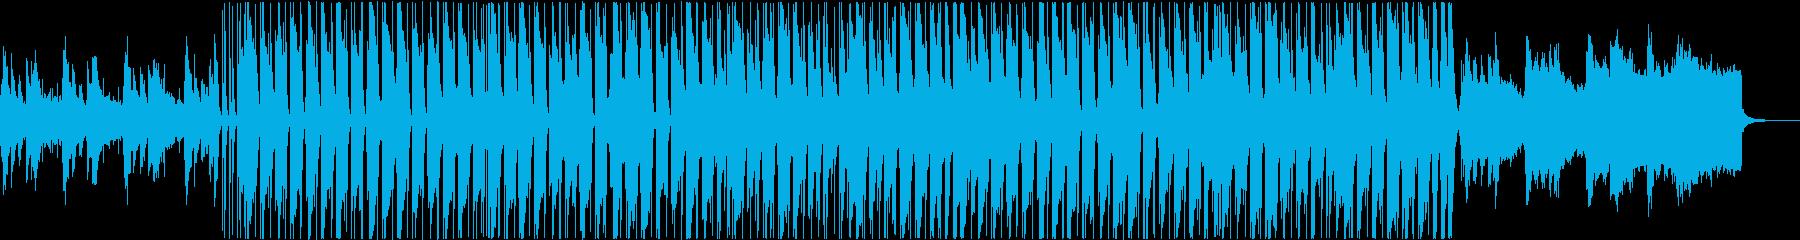 キラキラ明るくかわいく楽しい企業VP_2の再生済みの波形